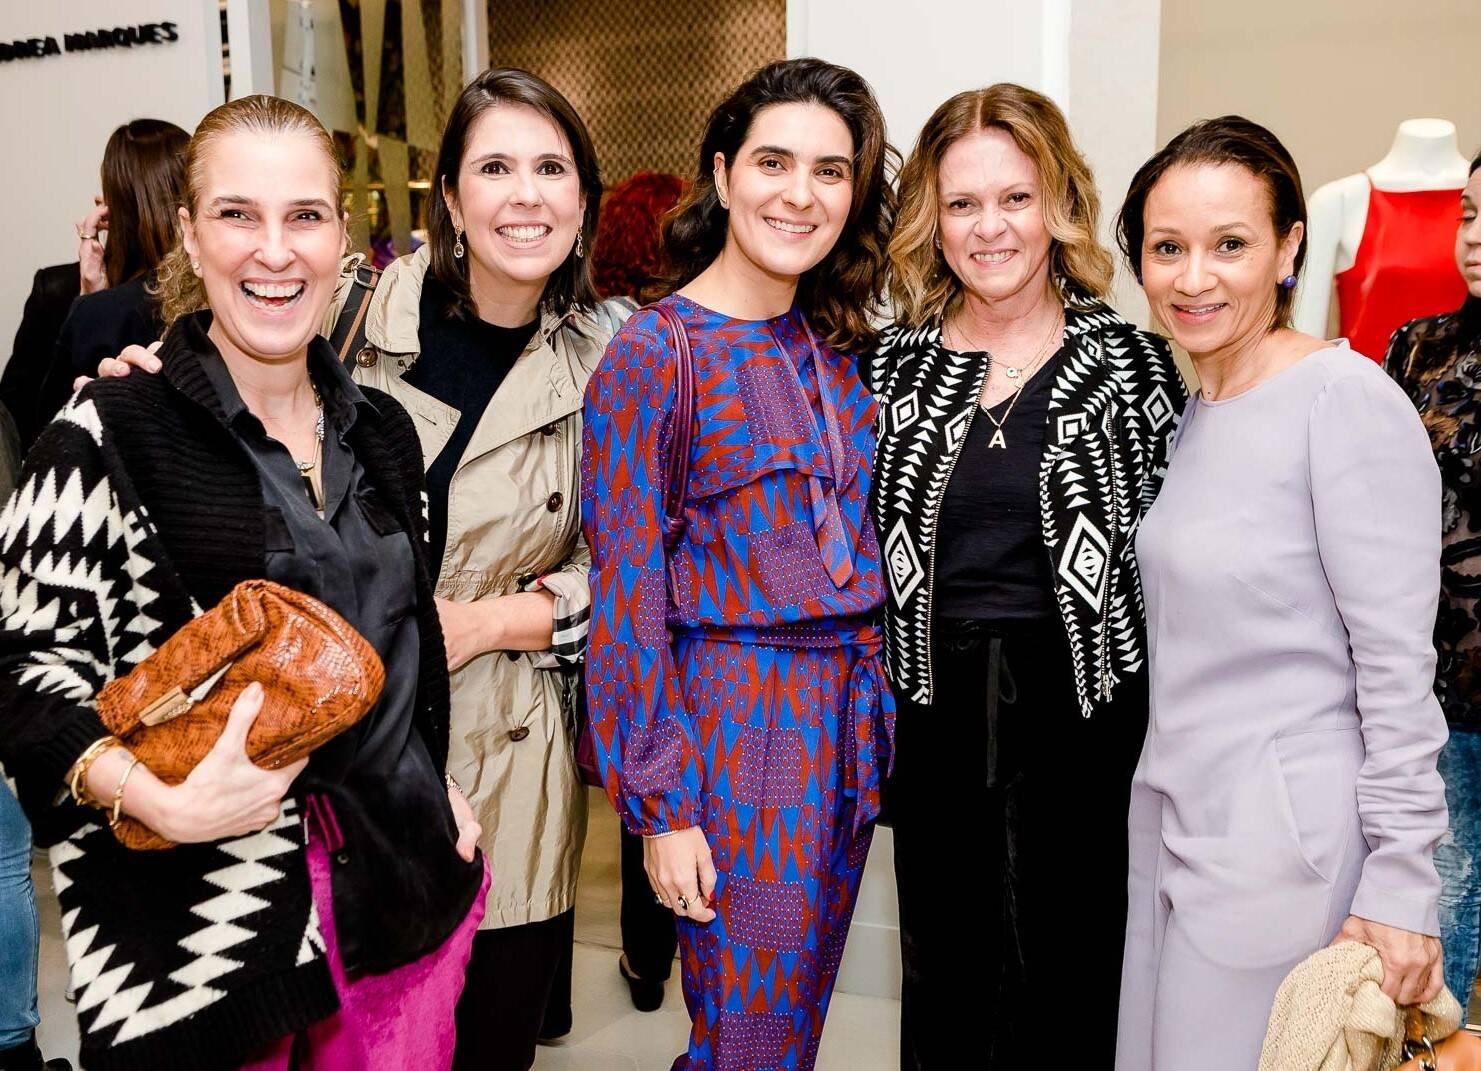 Bebel Schmidt, Fabiana Leite, Roberta do Rio, Aninha Costa e Alessandra Marins /Foto: Bruno Ryfer